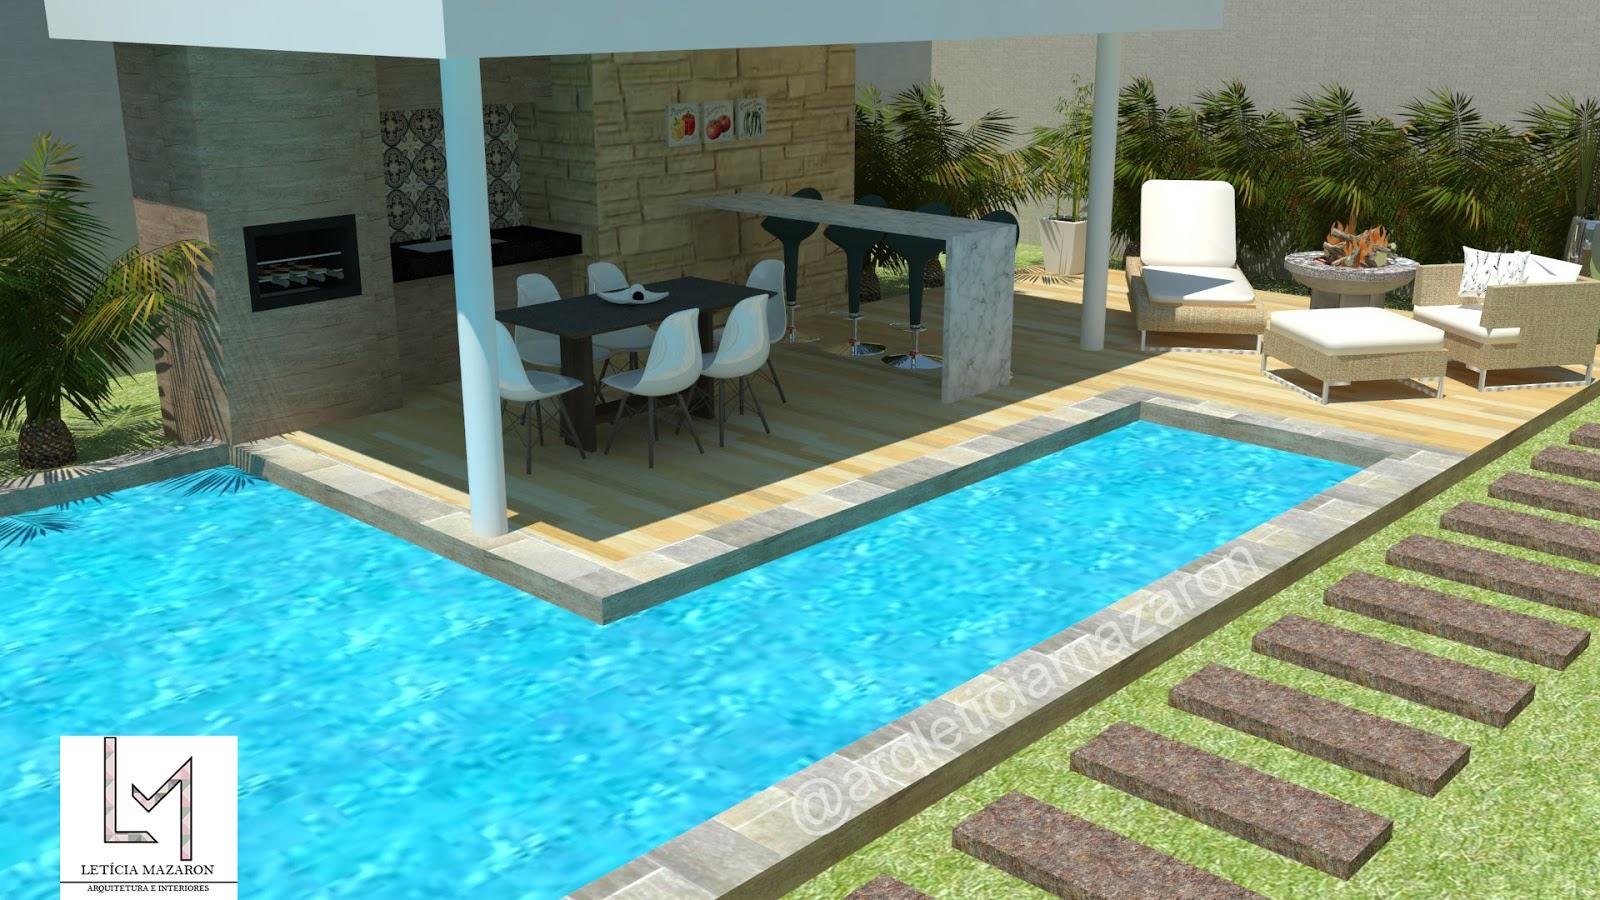 Projetos de area gourmet com piscina pm17 ivango for Projeto x piscina